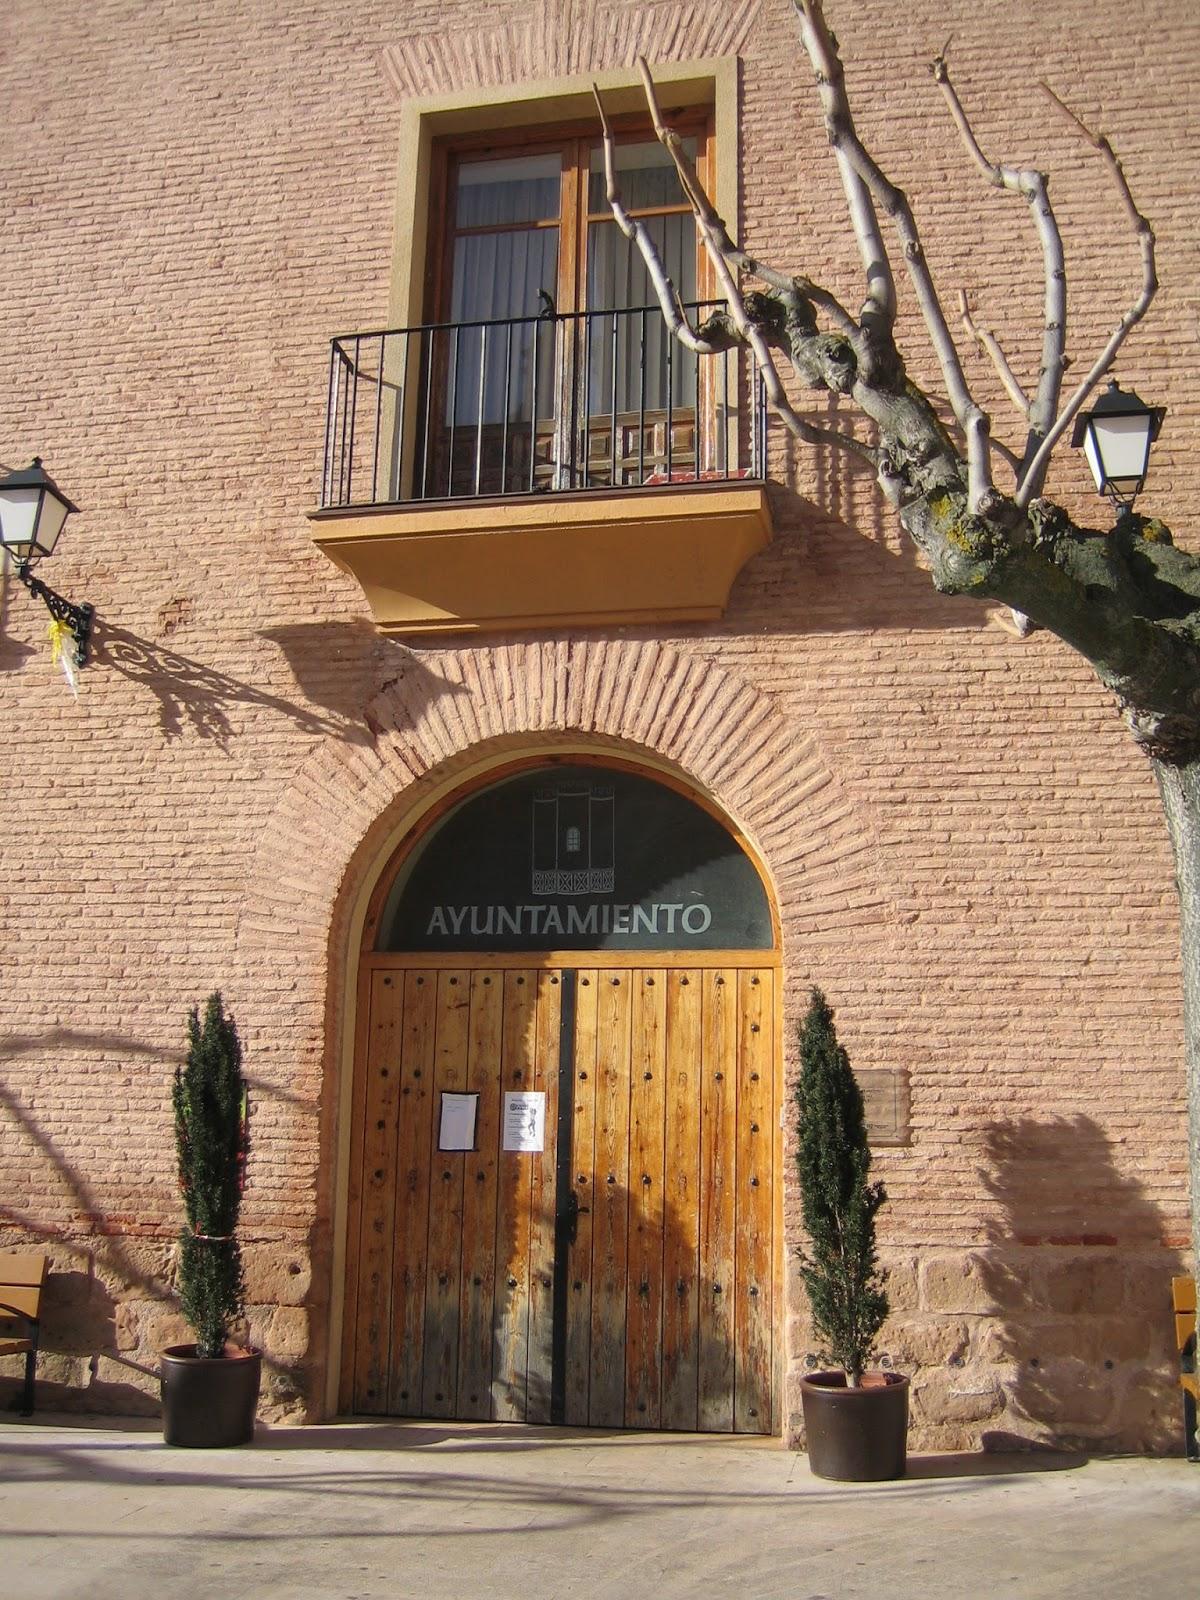 Esta tierra es mi arag n villarroya de la sierra zaragoza - Casarse ayuntamiento madrid ...